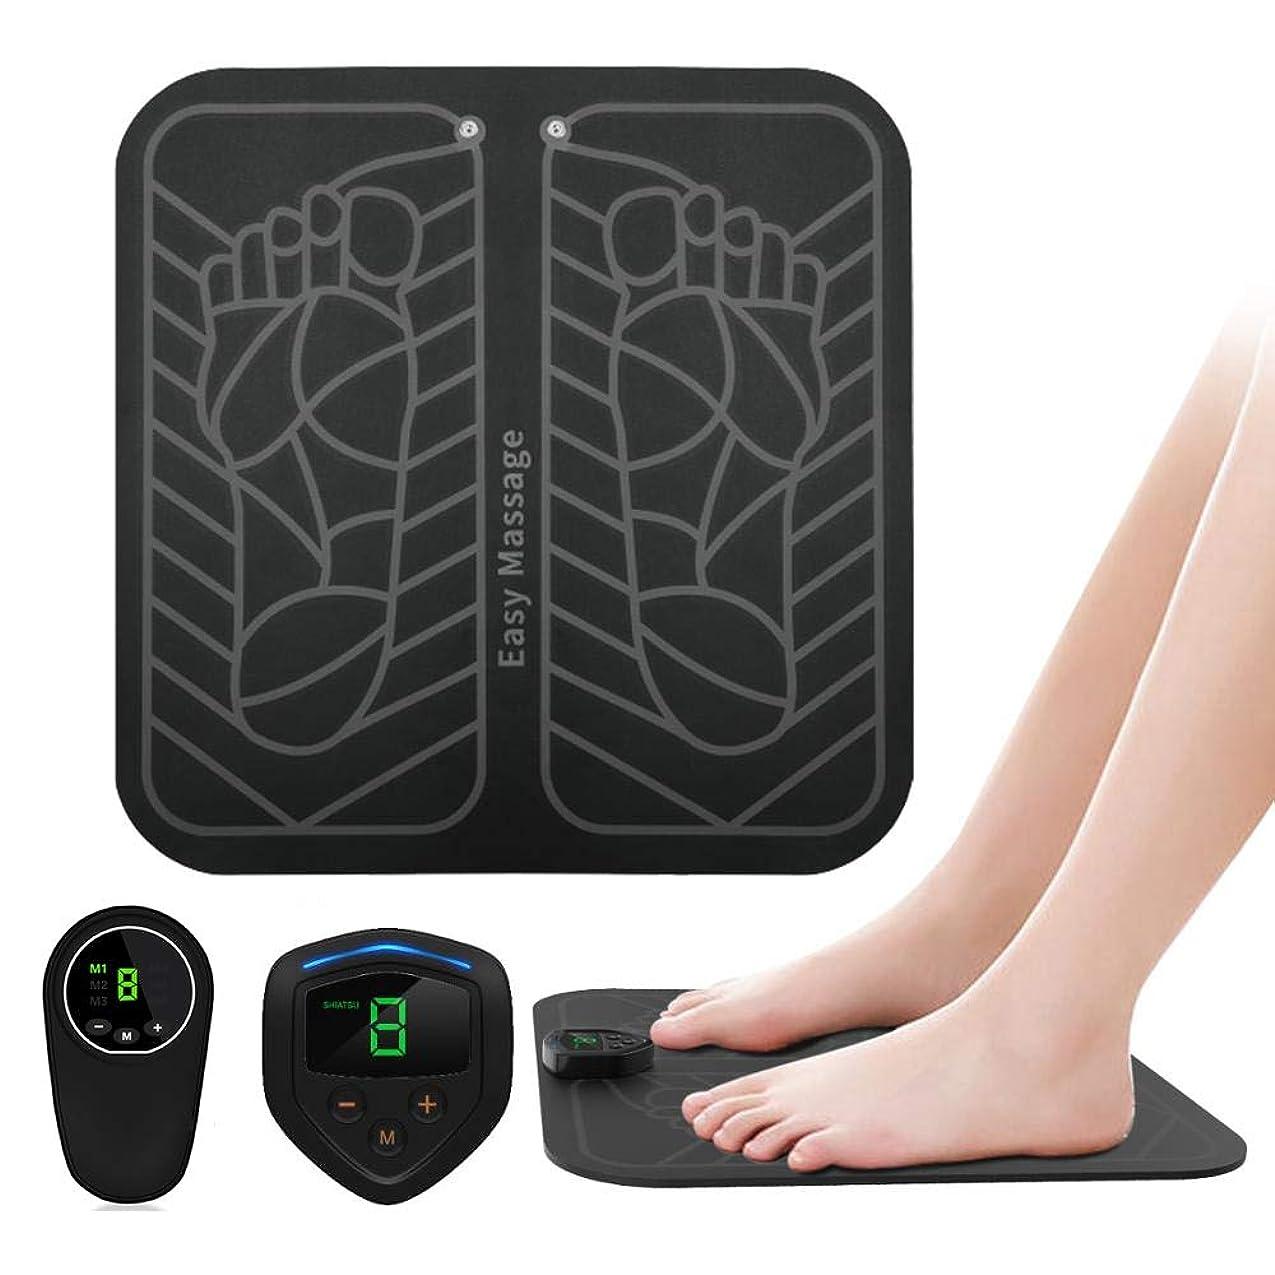 バブル電気技師どちらかEMSフットマッサージ器、USB充電式折りたたみ携帯用電気マッサージマット、電子筋Stimulatior足マッサージ促進血液循環筋肉の痛みを軽減